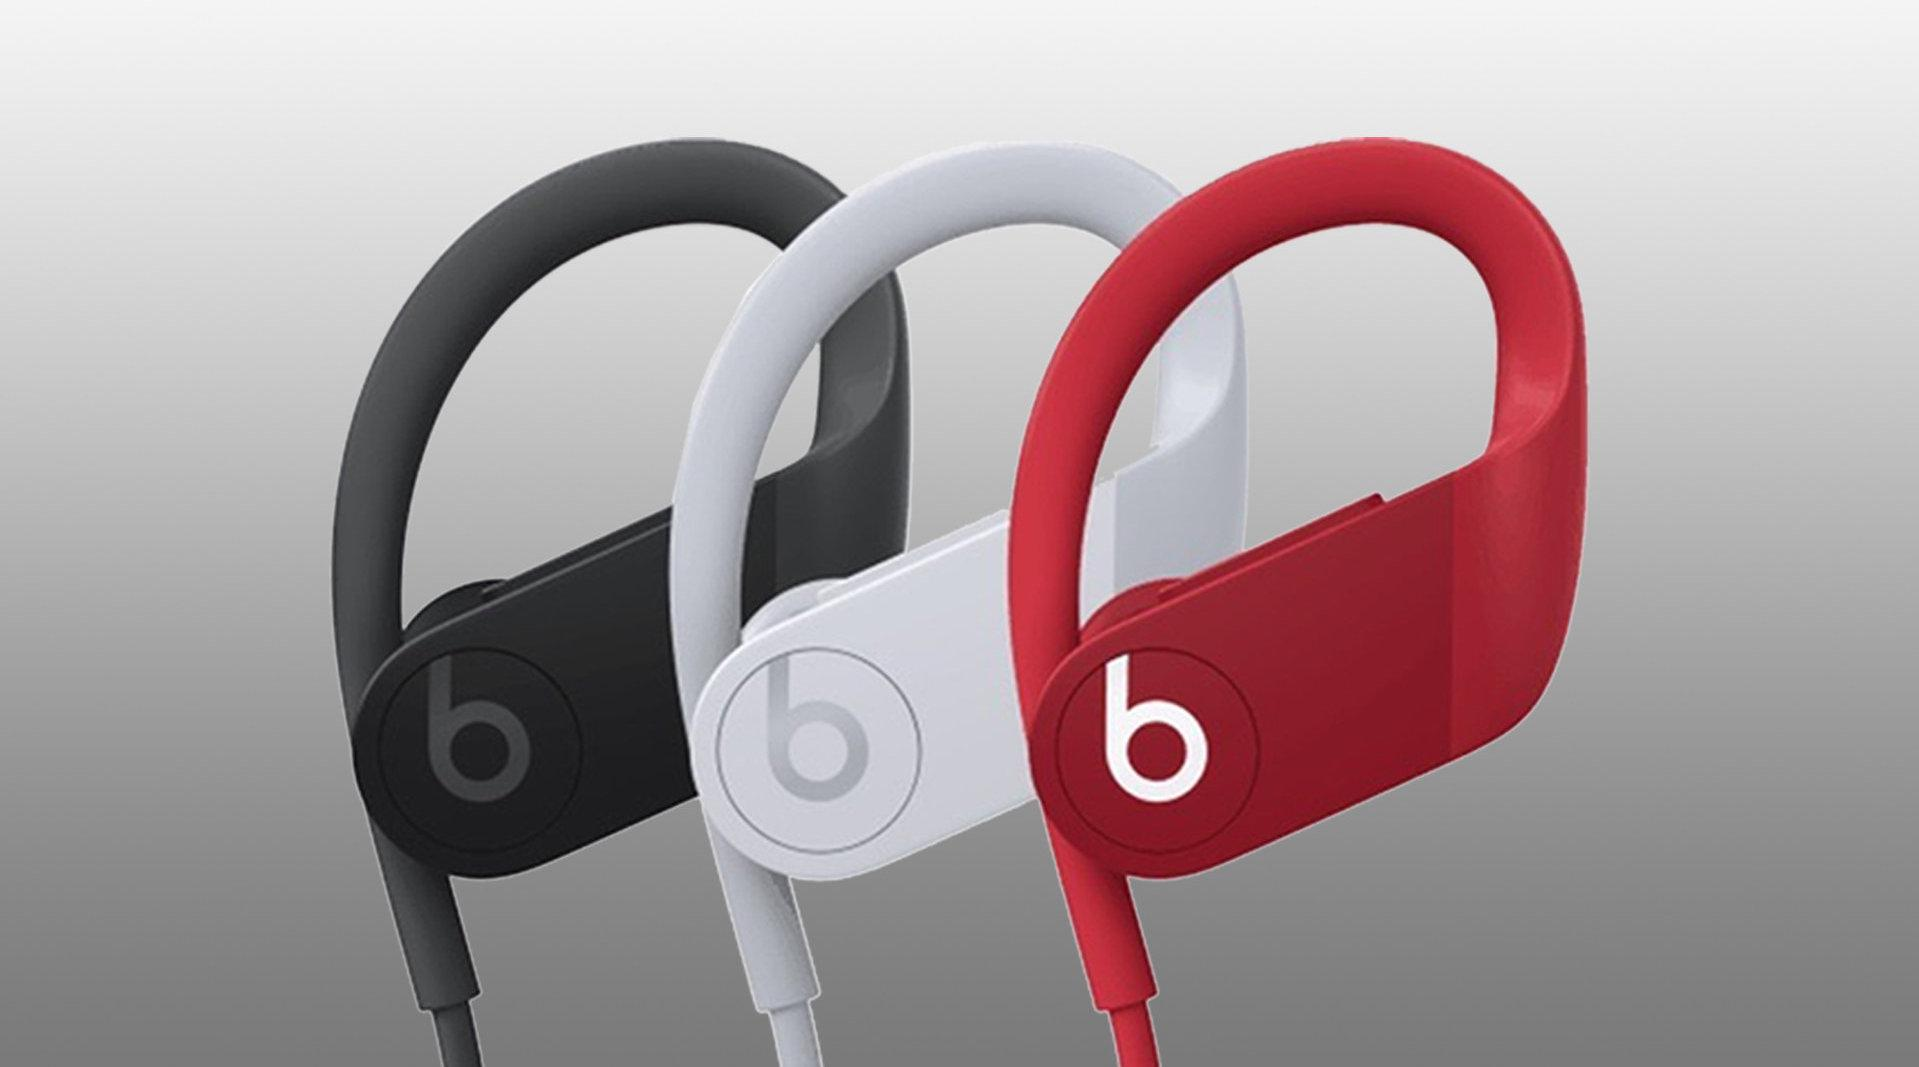 苹果曝光了两款耳机:音质和续航都增强了